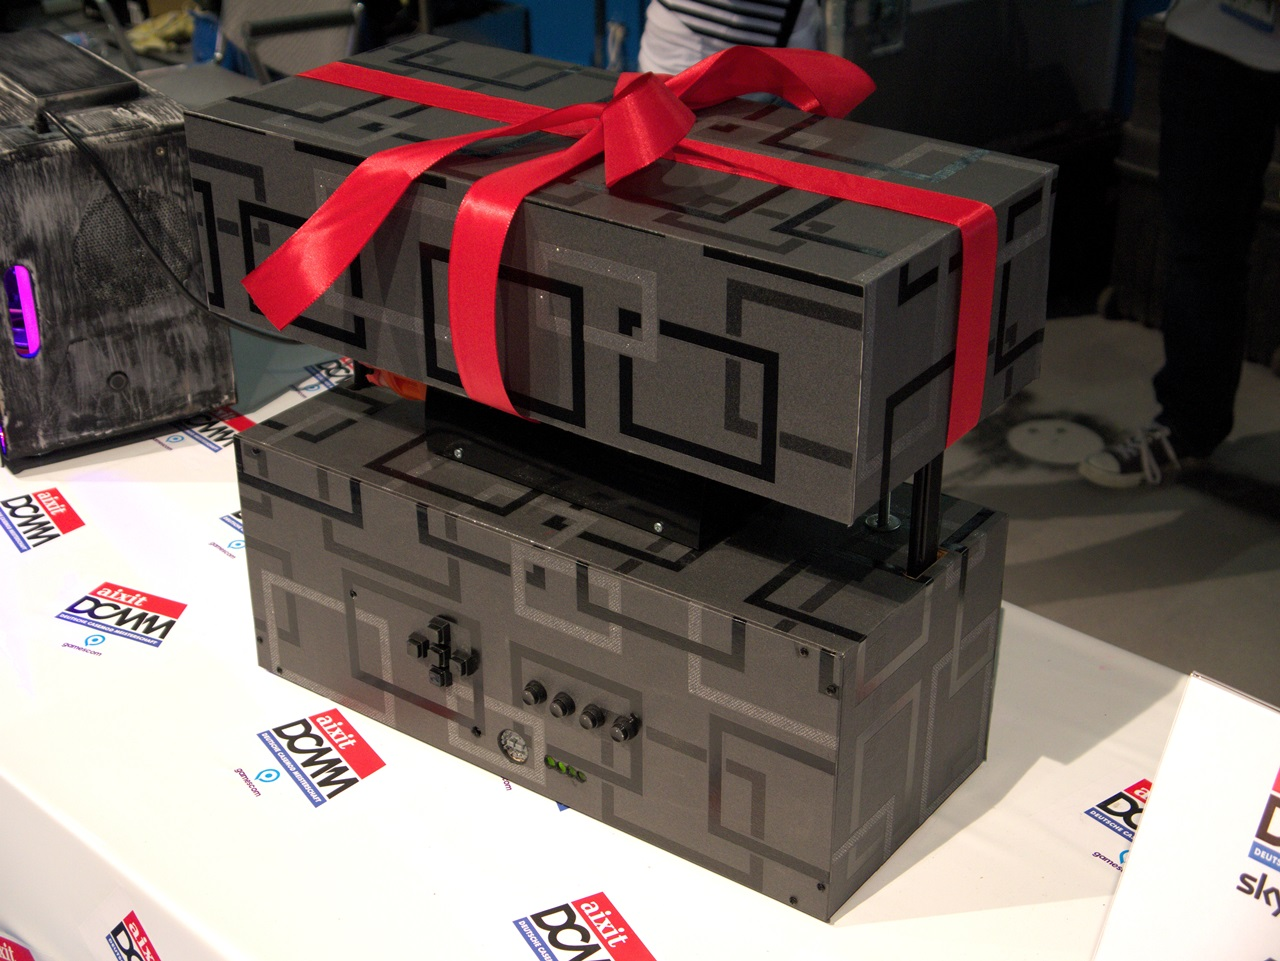 """DCMM 2014: Wenn PC-Gehäuse zu Kunstwerken werden - """"Surprise"""" von Mathias Streser (Bild: Sebastian Wochnik/Golem.de)"""